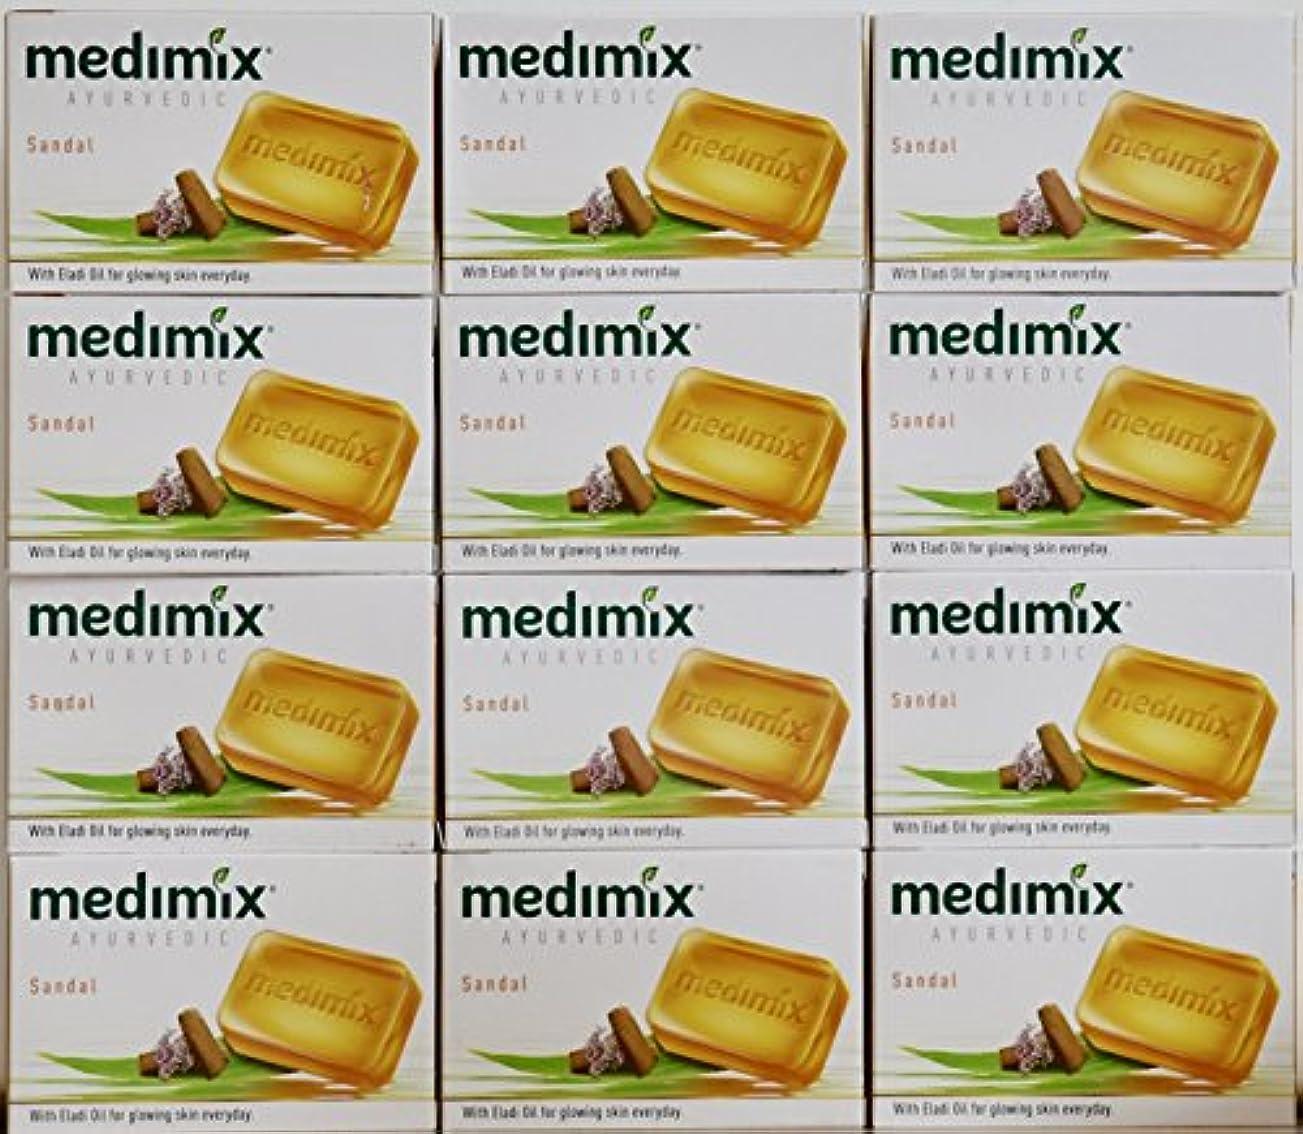 暴徒宇宙のぞっとするようなmedimix メディミックス アーユルヴェディックサンダル 石鹸(旧商品名クラシックオレンジ))125g 12個入り